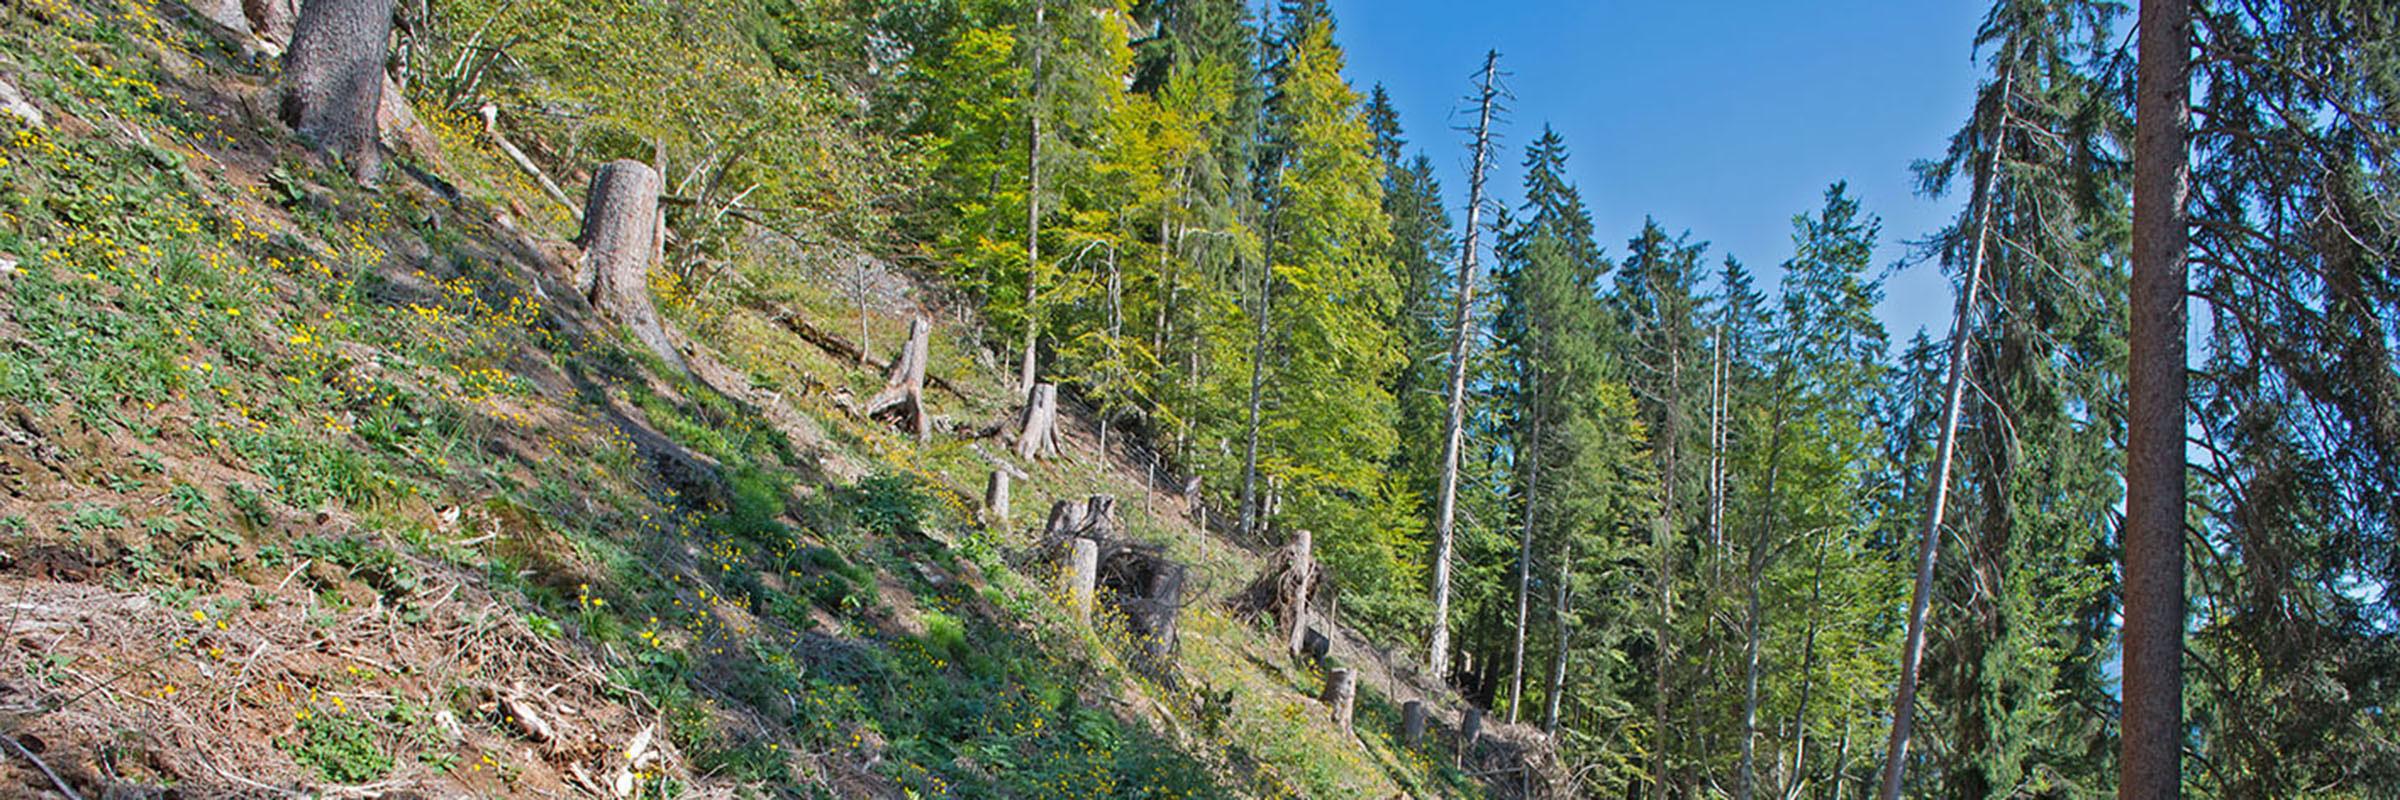 Ausgeholzte Verjüngungsschneise im Schutzwald